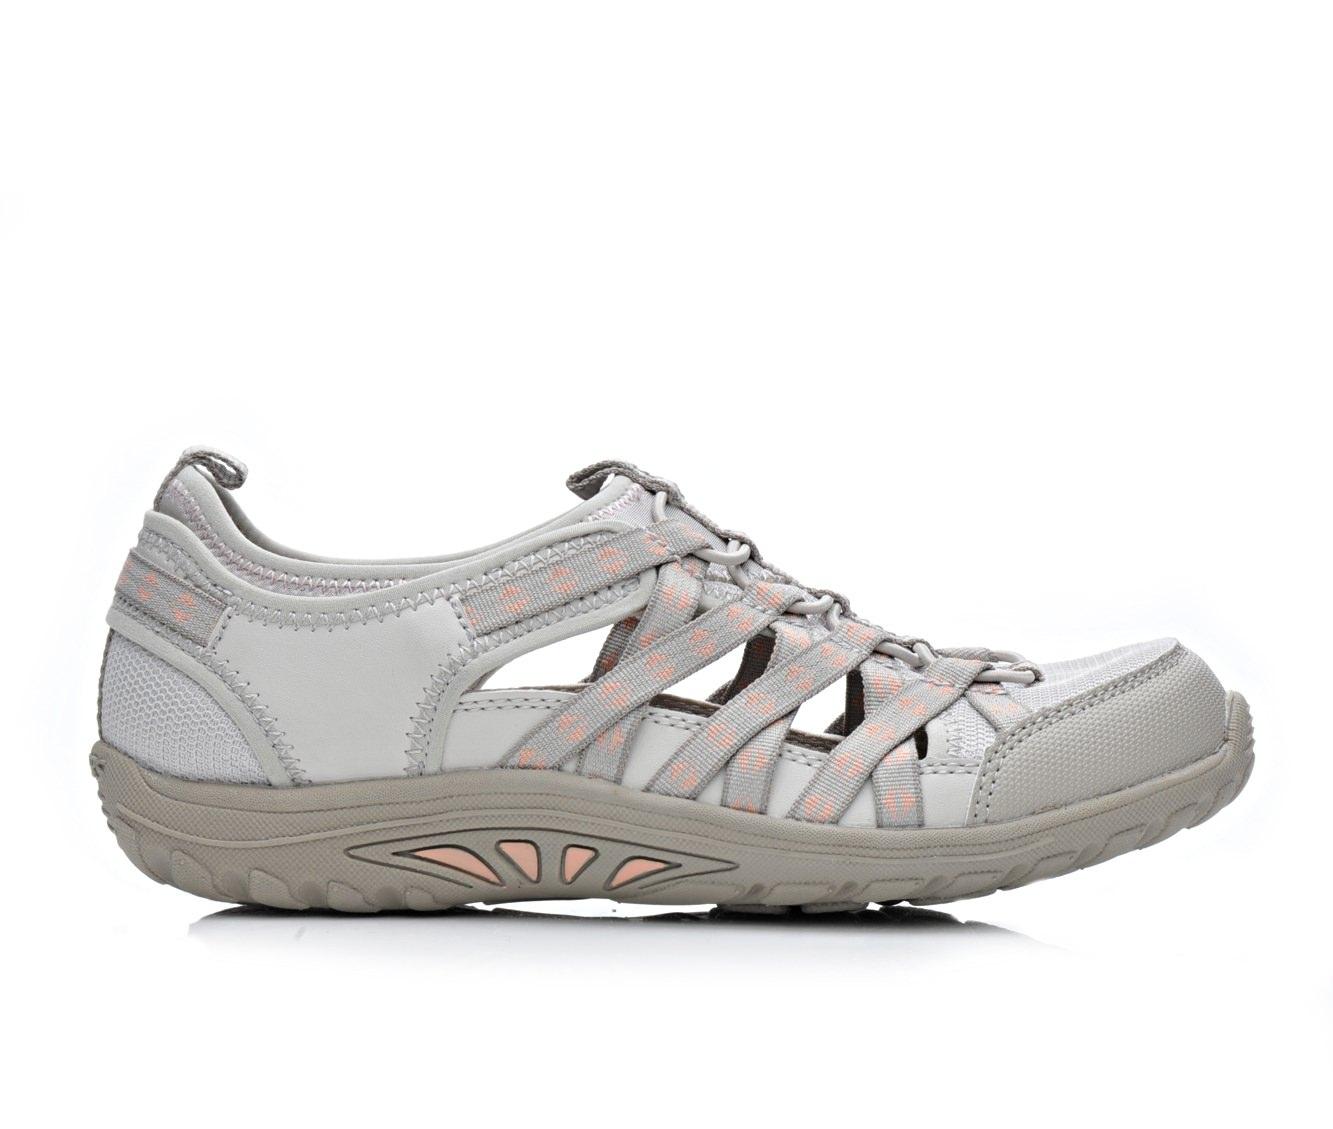 Women's Skechers Dory 49359 Sandals (Beige)